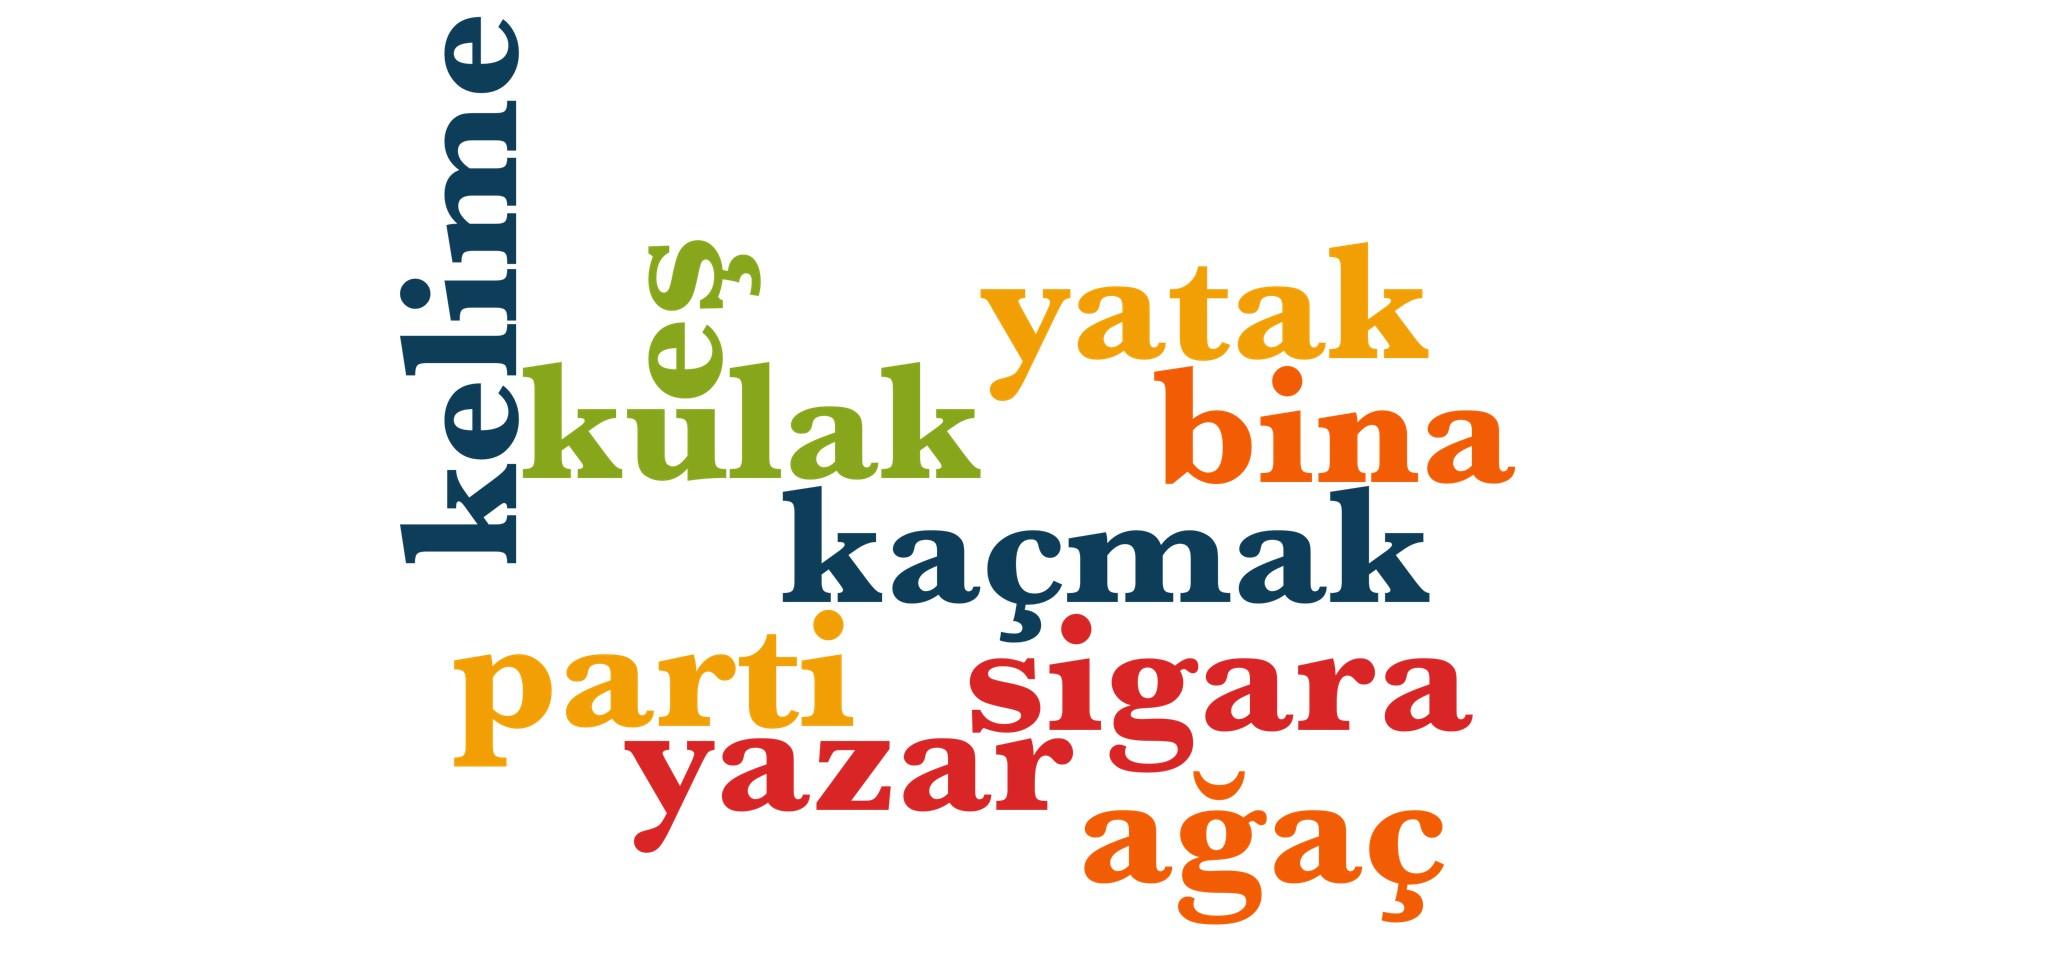 Wörter 491 bis 500 der 1000 häufigsten Wörter der türkischen Sprache